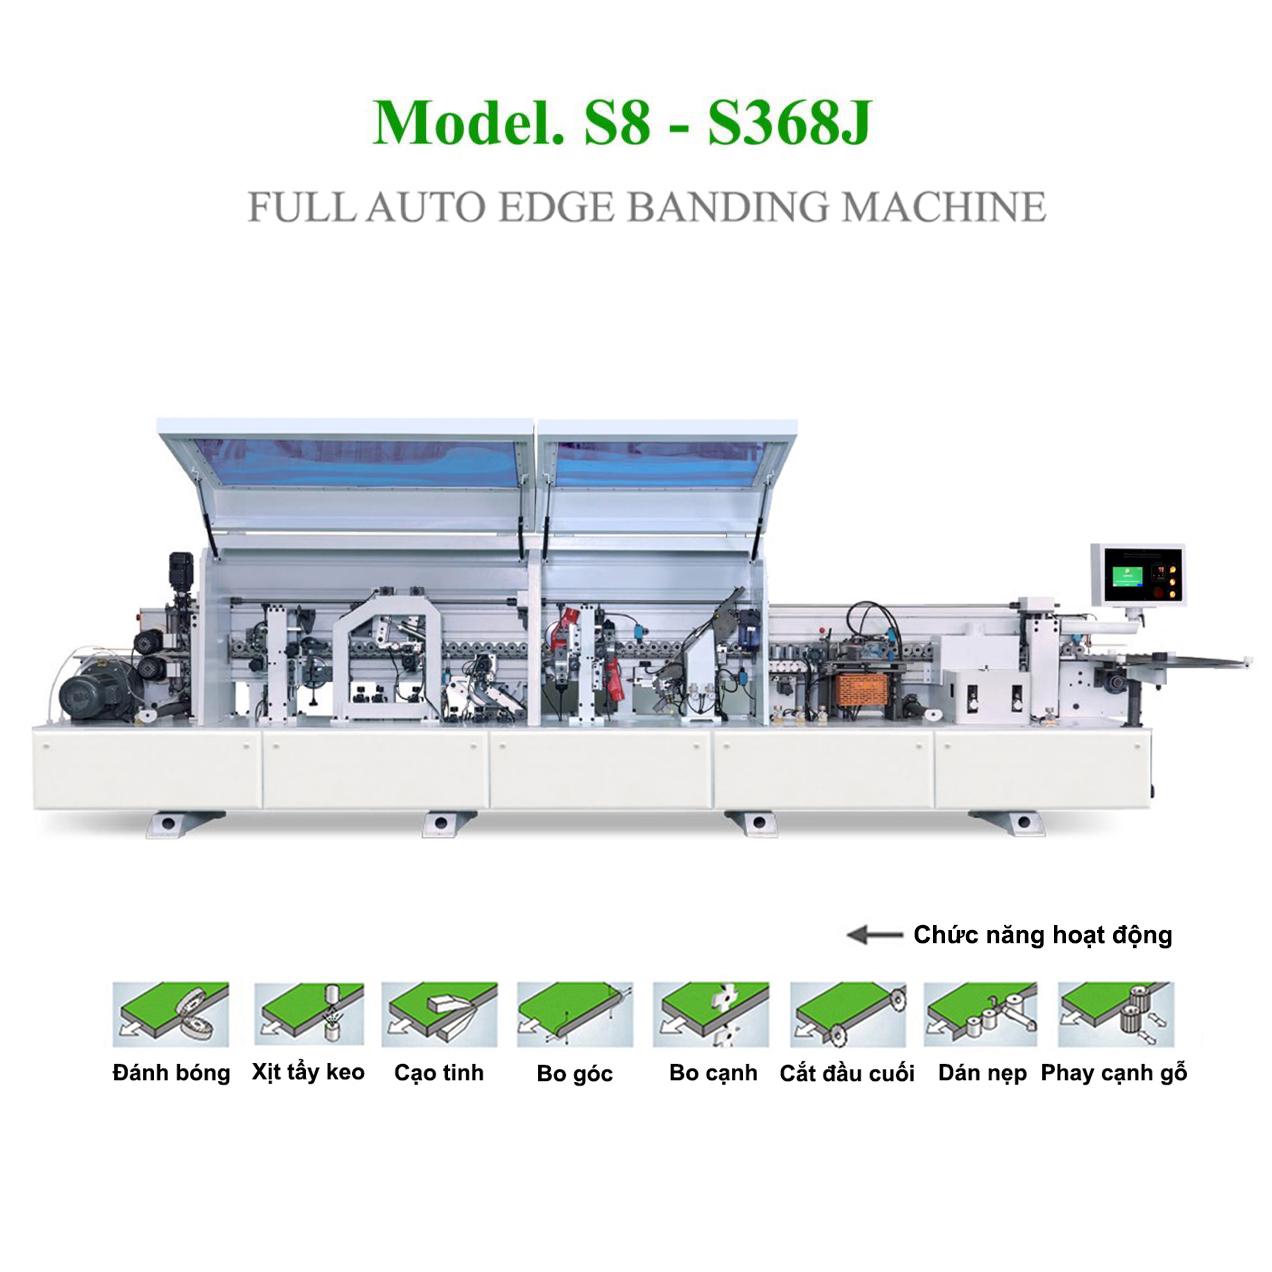 Máy dán cạnh tự động 8 chức năng S8 - S368J